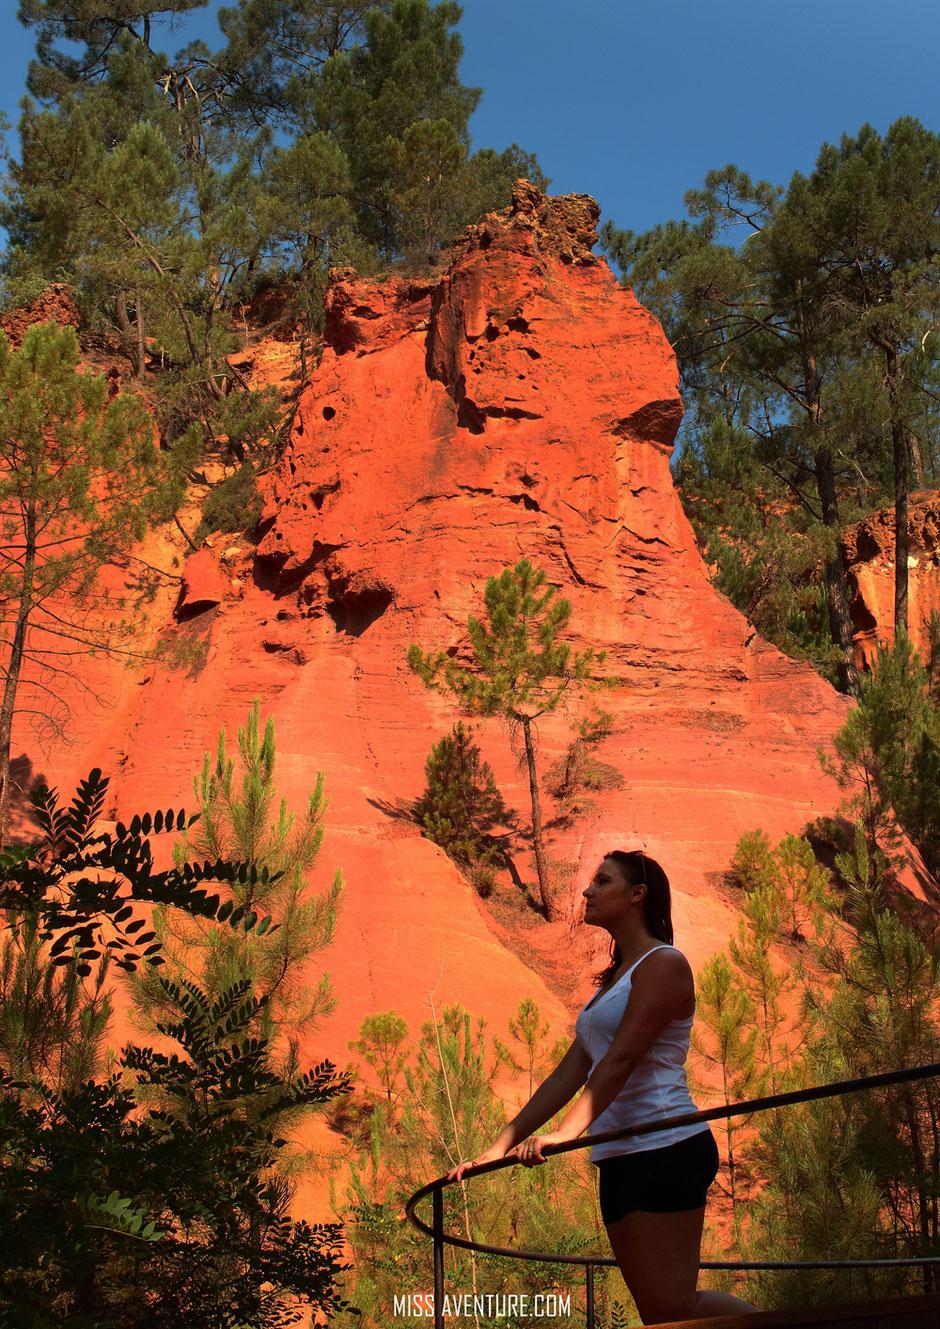 sentier des Ocres, Roussillon. VAUCLUSE. www.missaventure.com. blog aventures, nature et photos